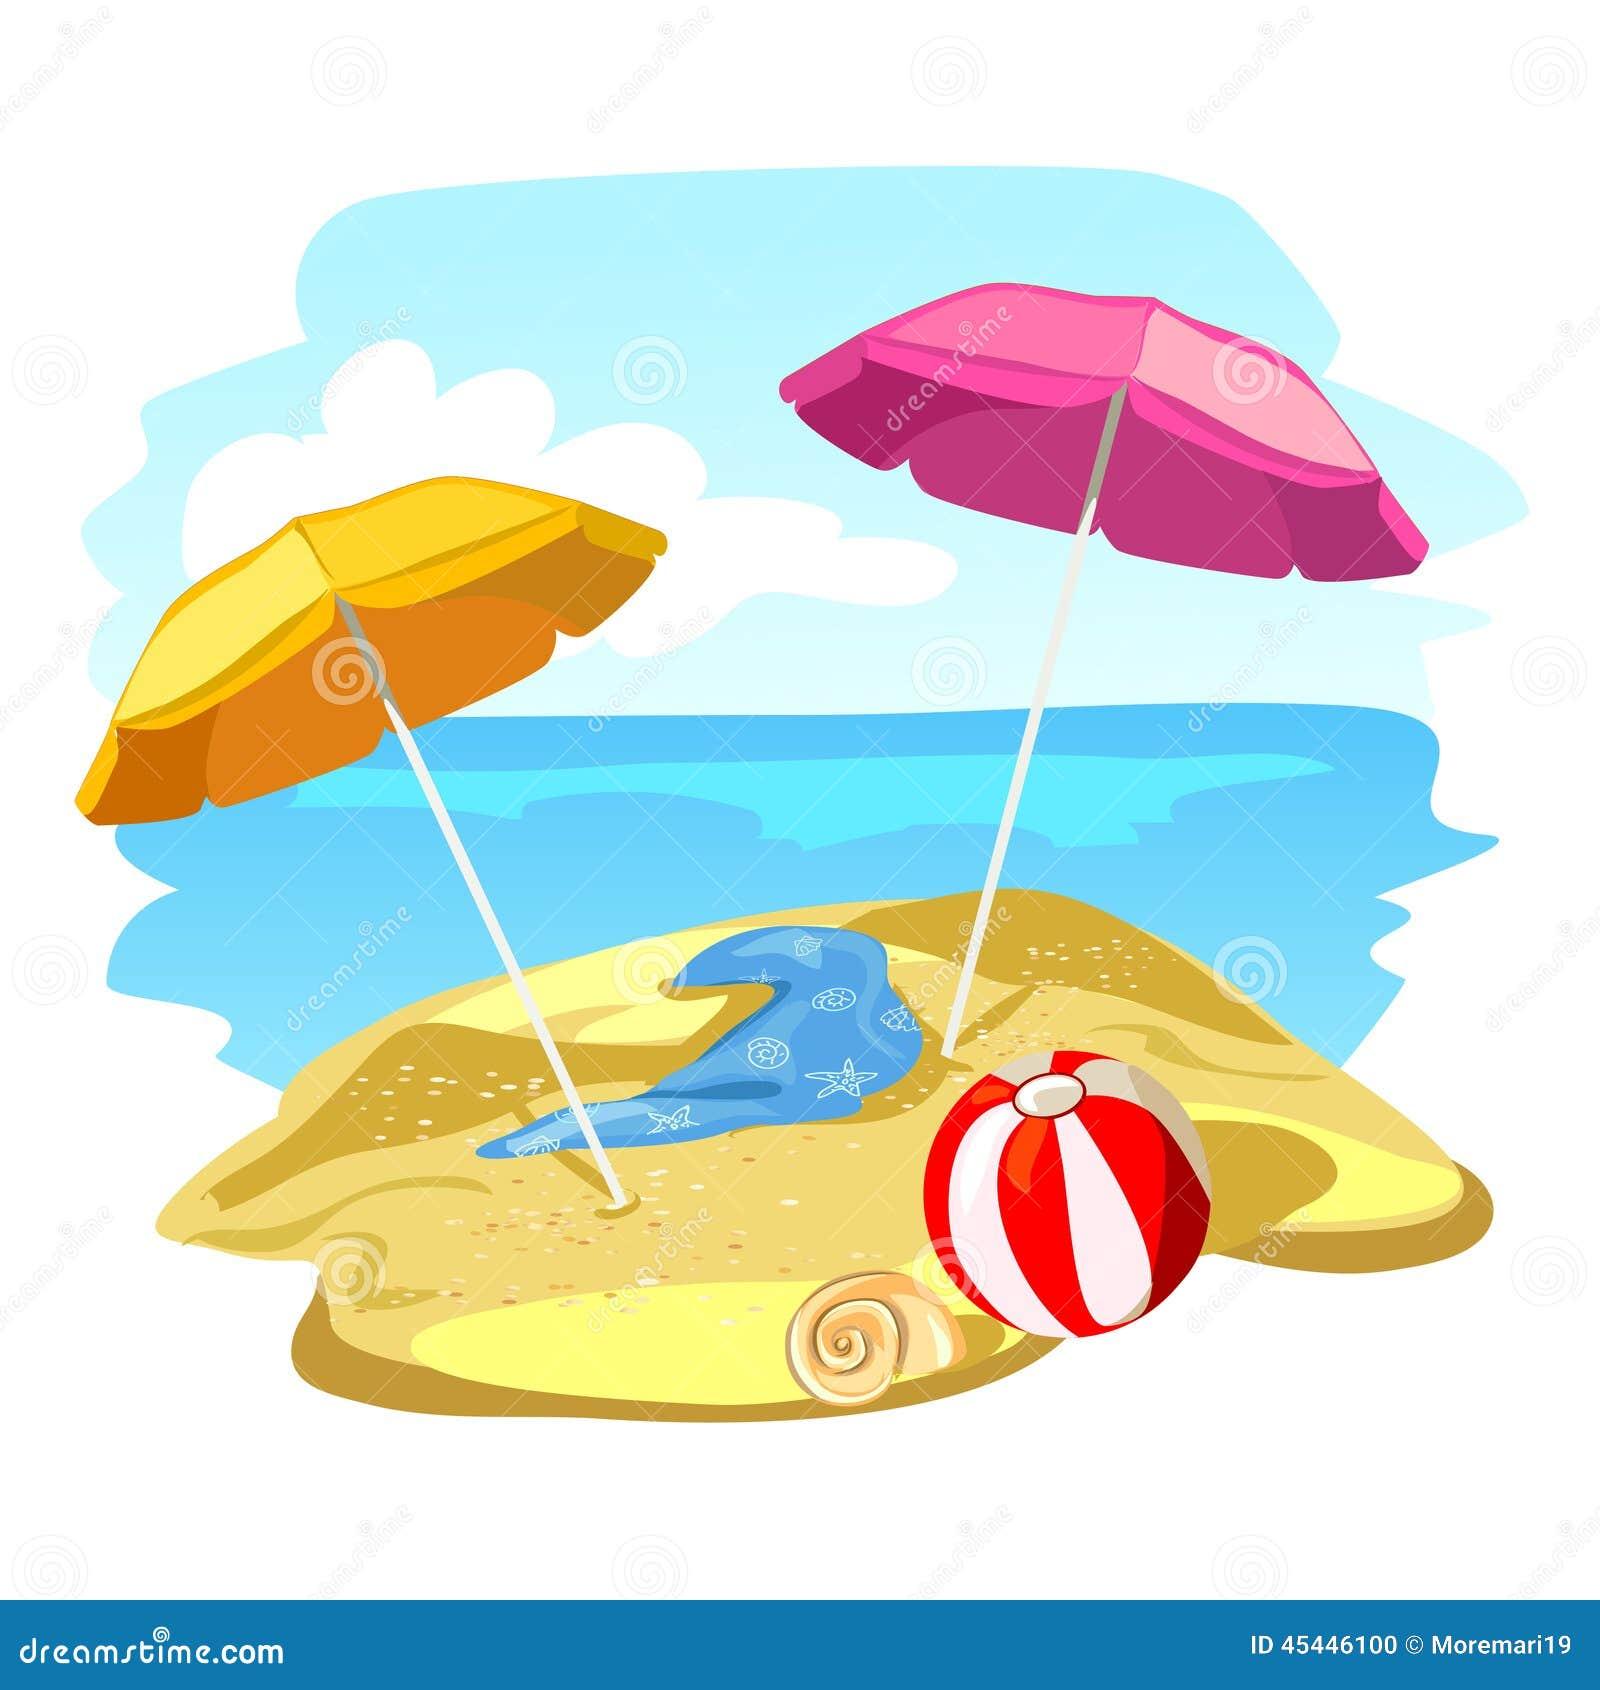 Disegni Di Spiaggia E Ombrelloni.Spiaggia Ed Ombrelloni Illustrazione Vettoriale Illustrazione Di